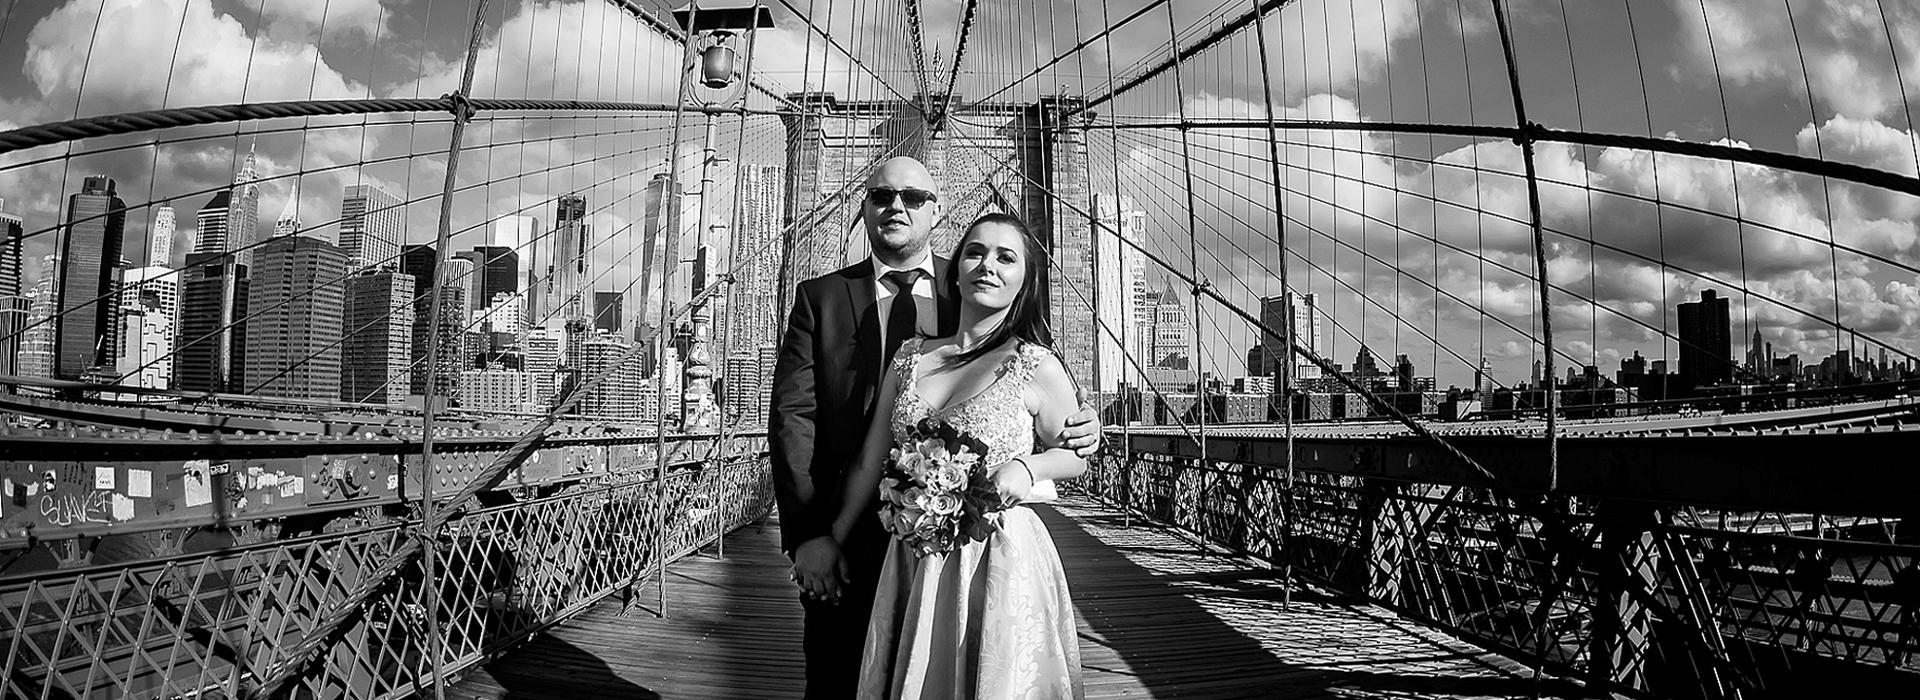 trabalhos internacionais de Ana e Jean em Brooklyn Bridge - New York - EUA